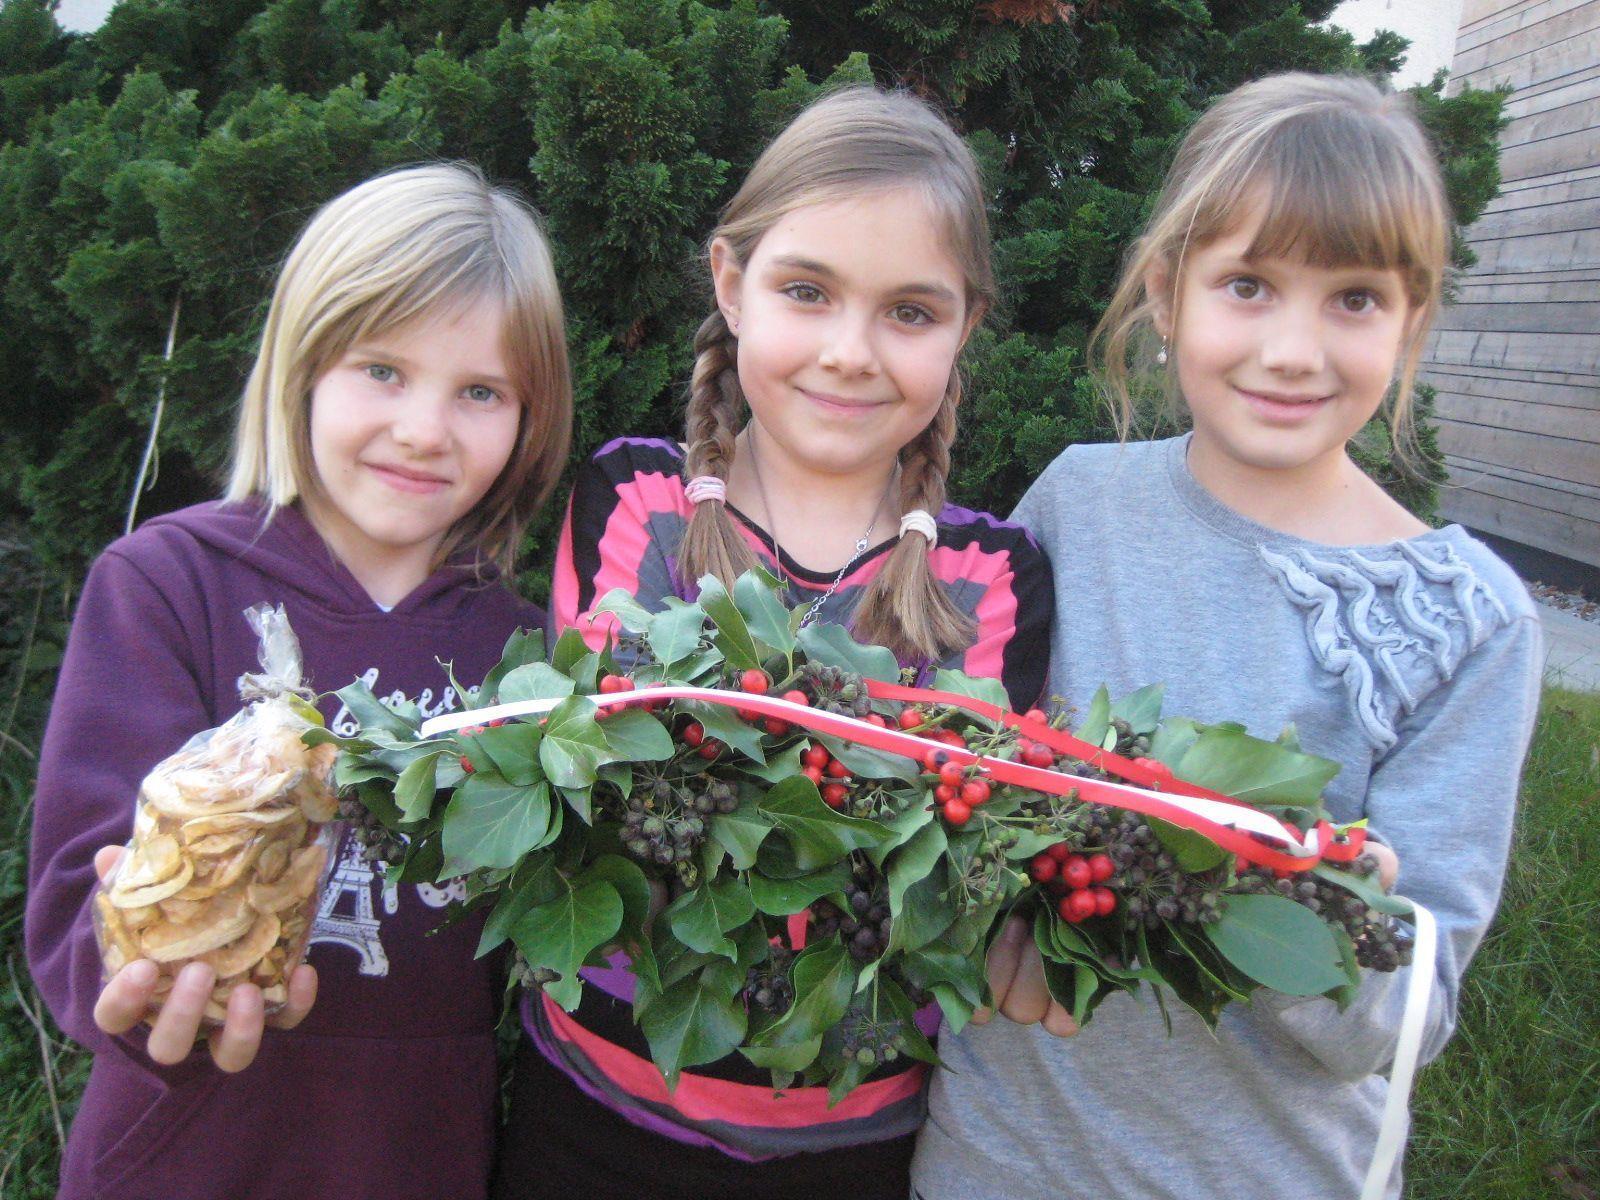 Es werden feine Kekse sowie dekorative Kränze angeboten (Im Bild: Elena, Pia und Naomi).